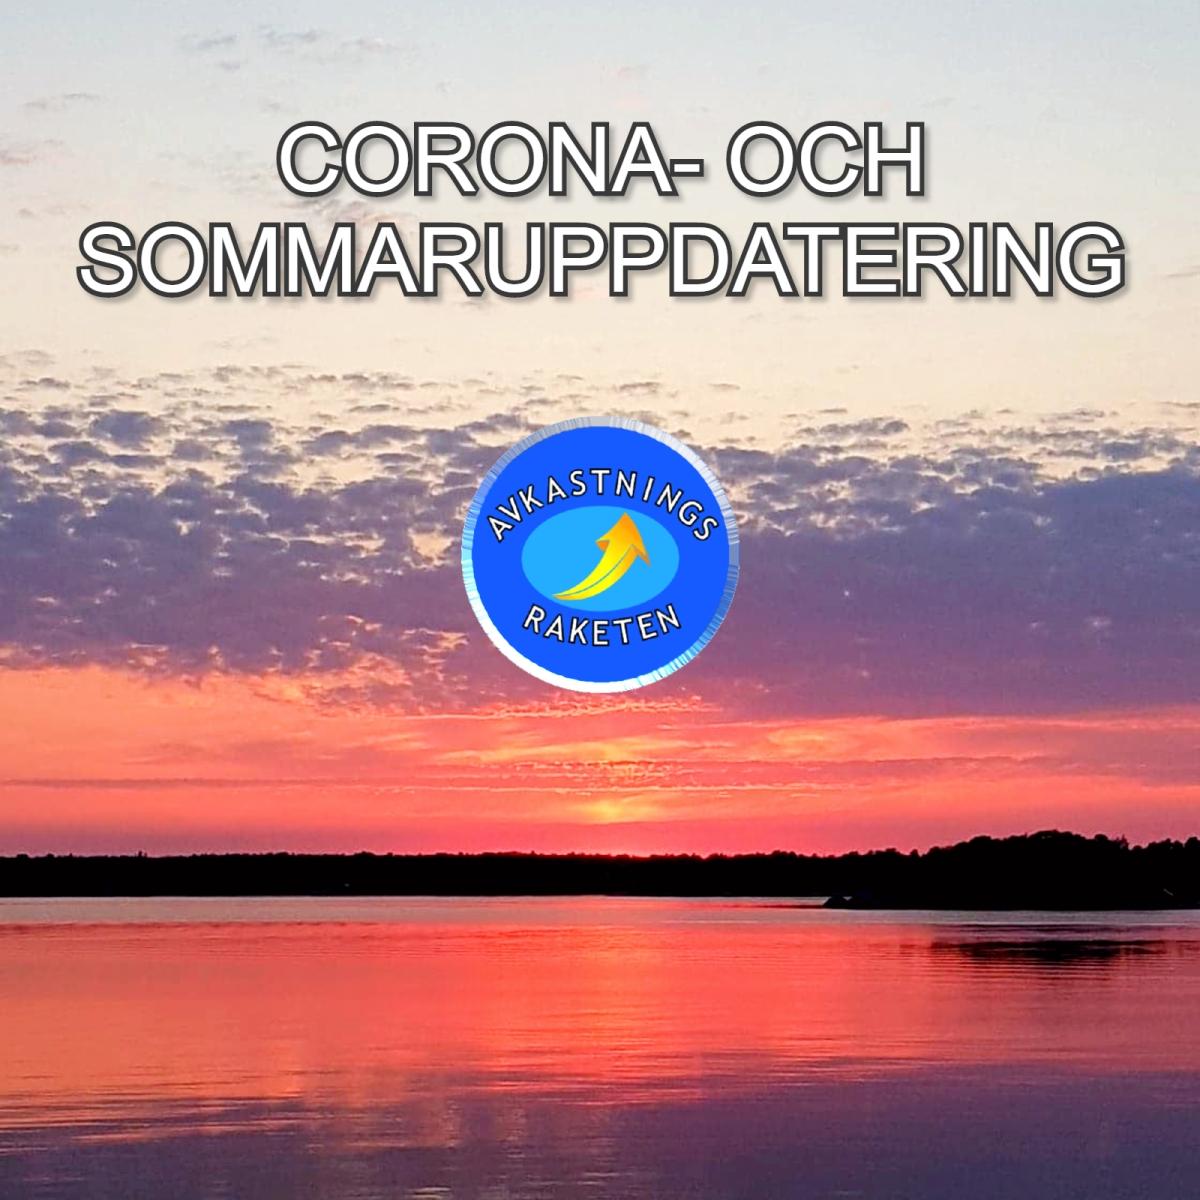 Corona- och sommaruppdatering